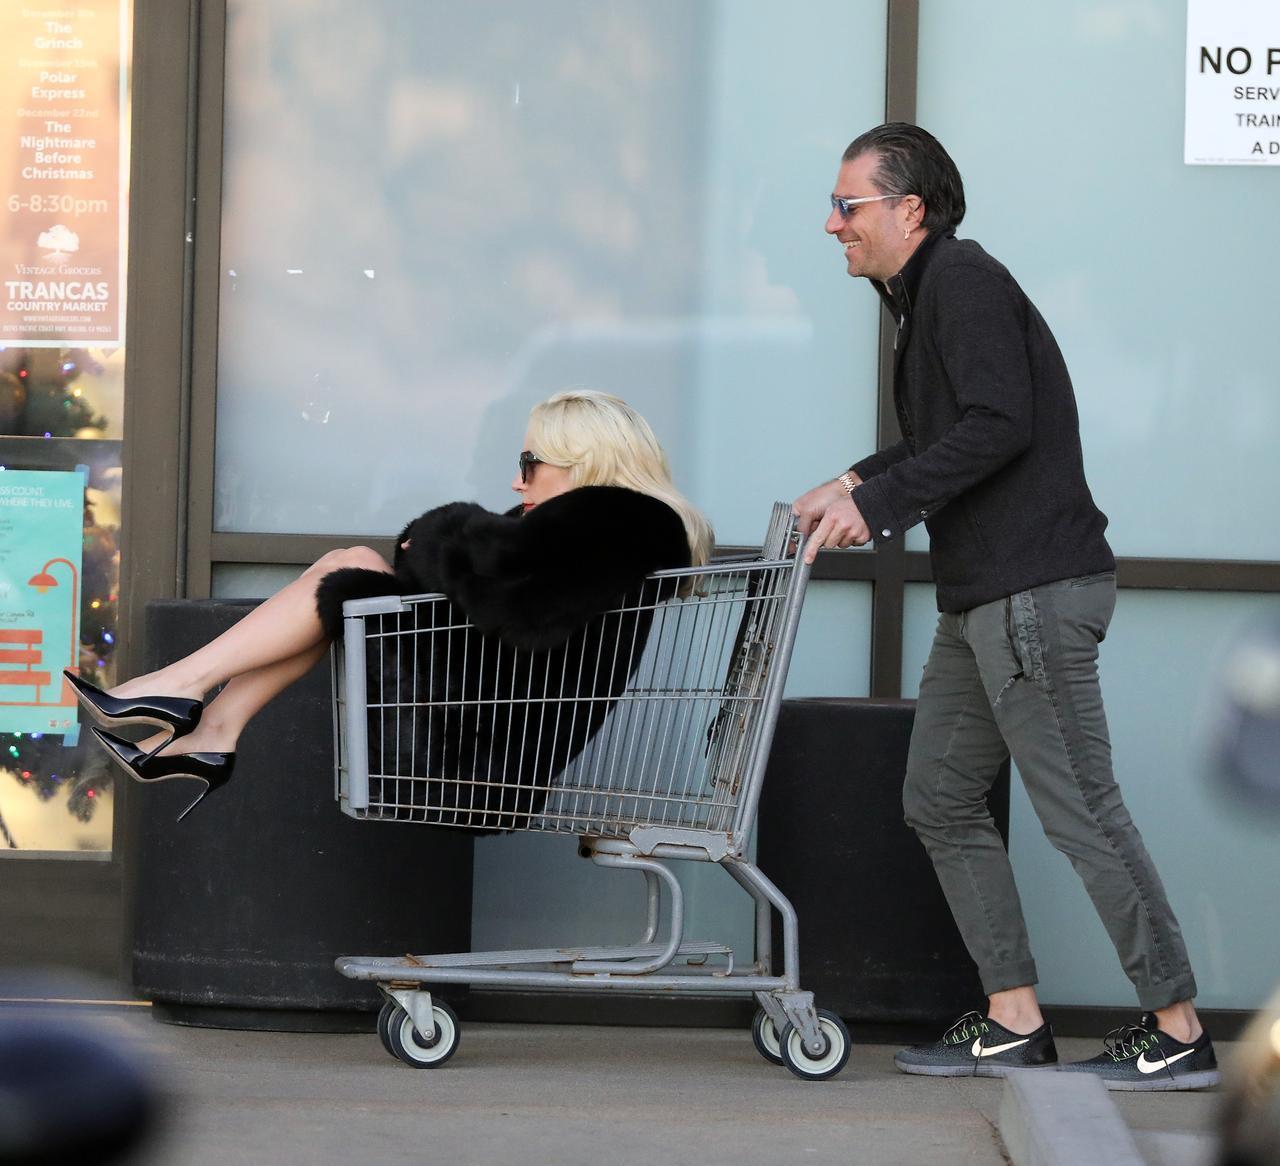 画像: 2017年12月25日、自宅近くのスーパーにクリスチャンと買い出しに出かけ、ショッピングカートに収まるガガ。